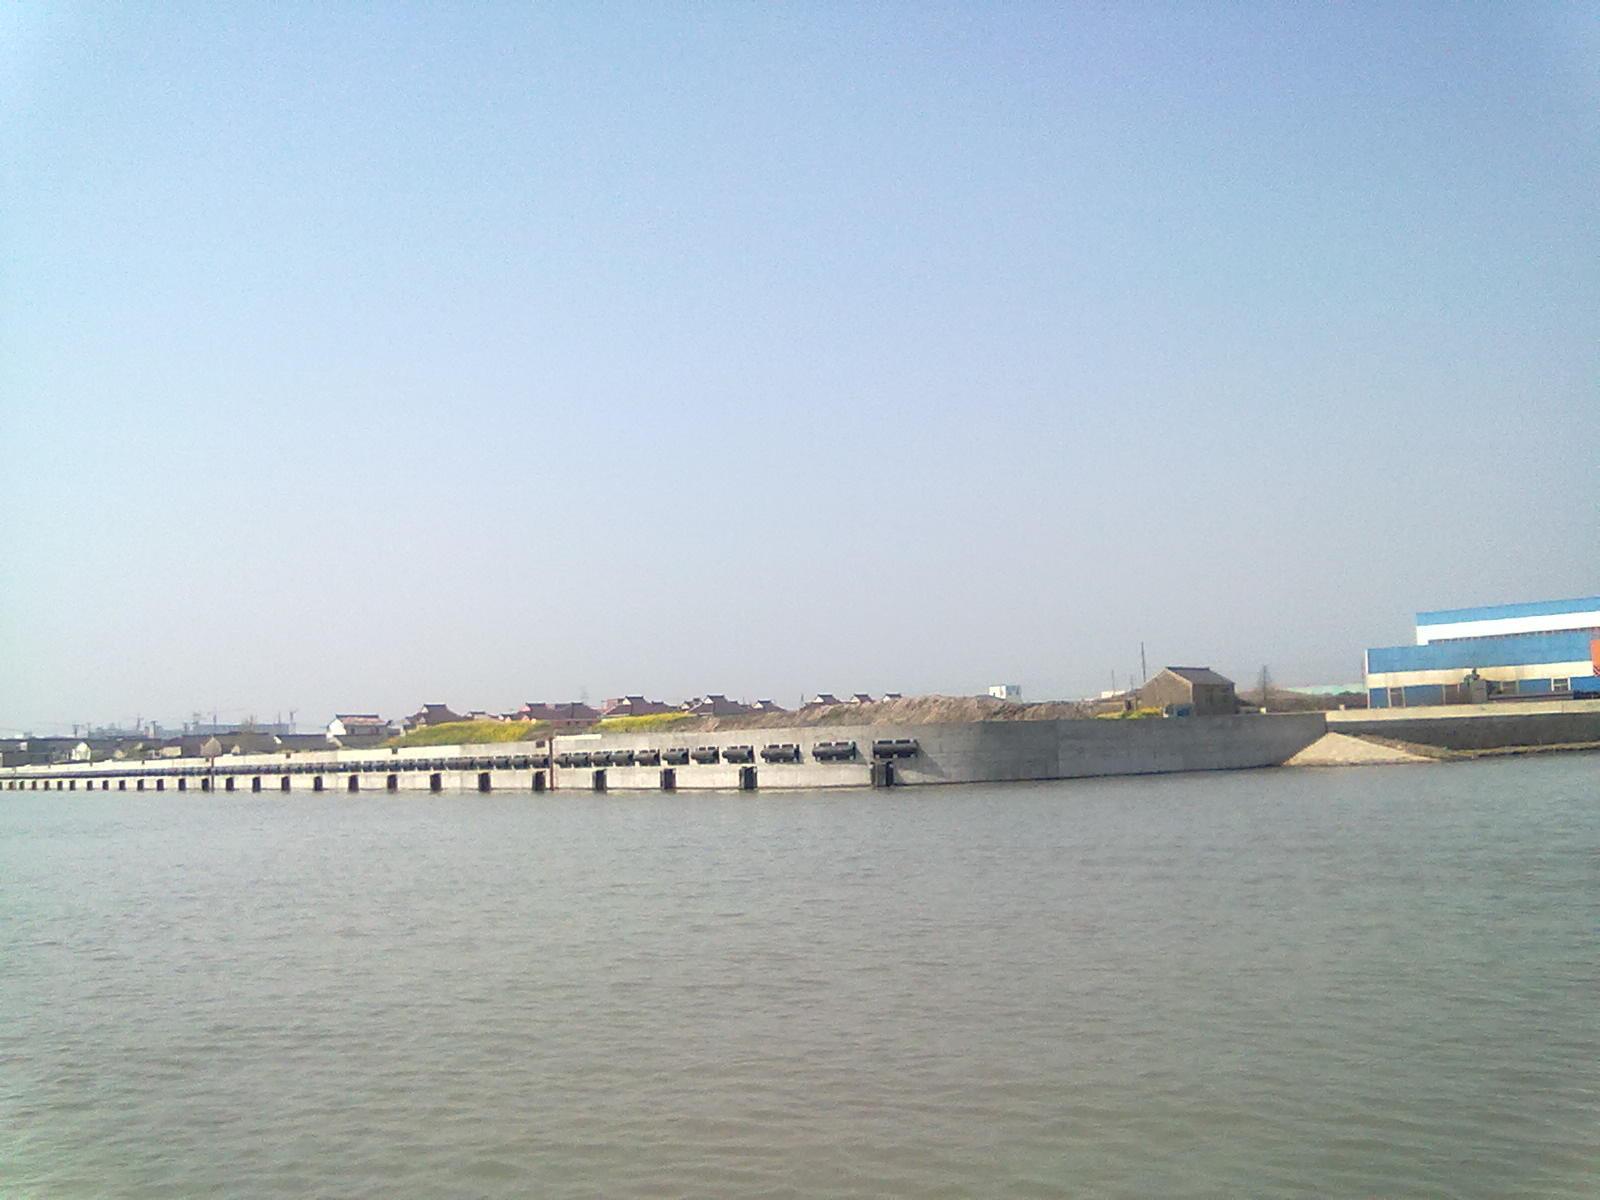 鹵汀河駁岸工程